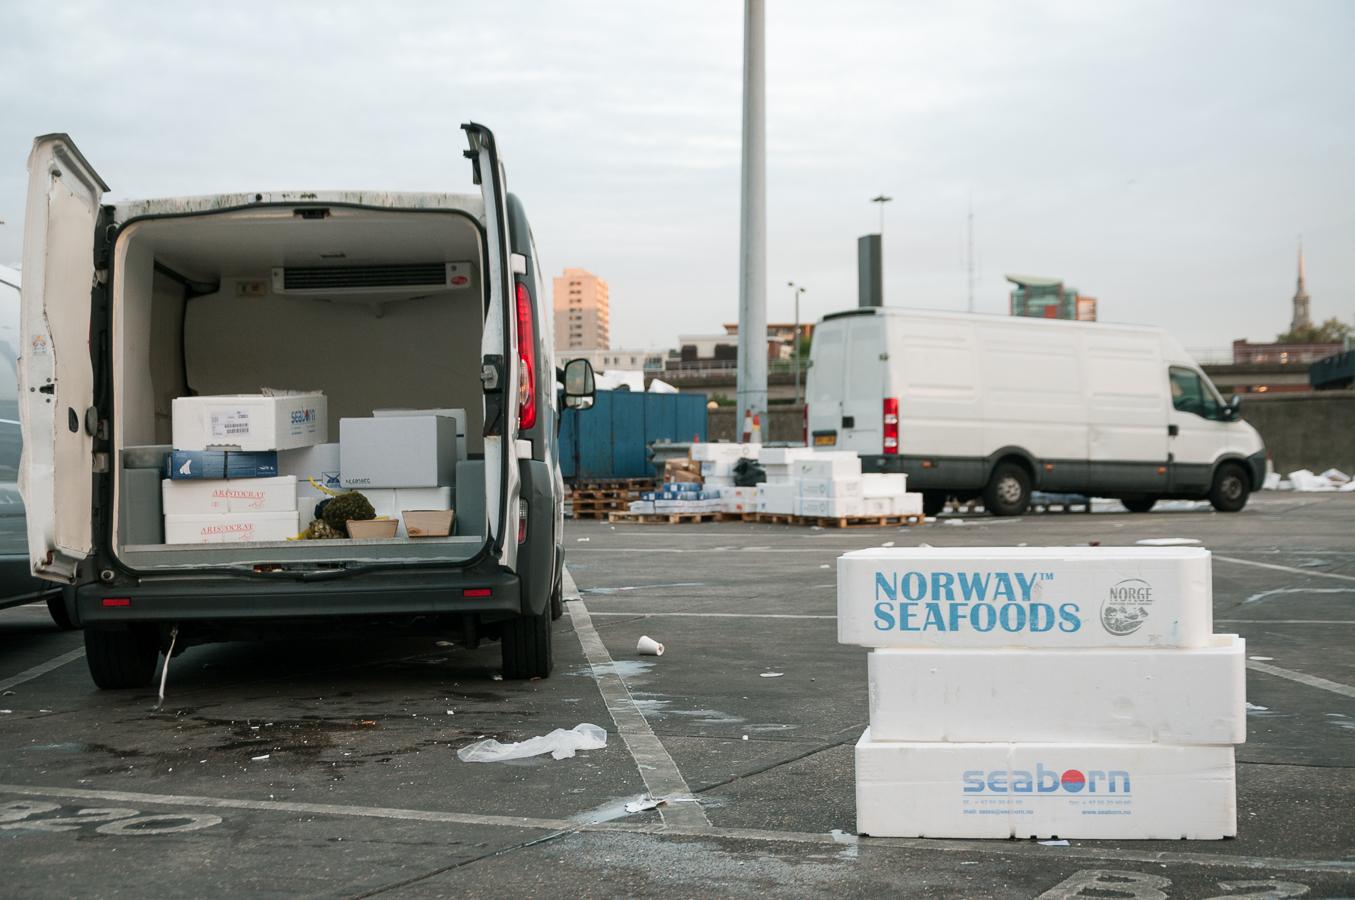 billings-gate-market-norway-seafoods-van.jpg